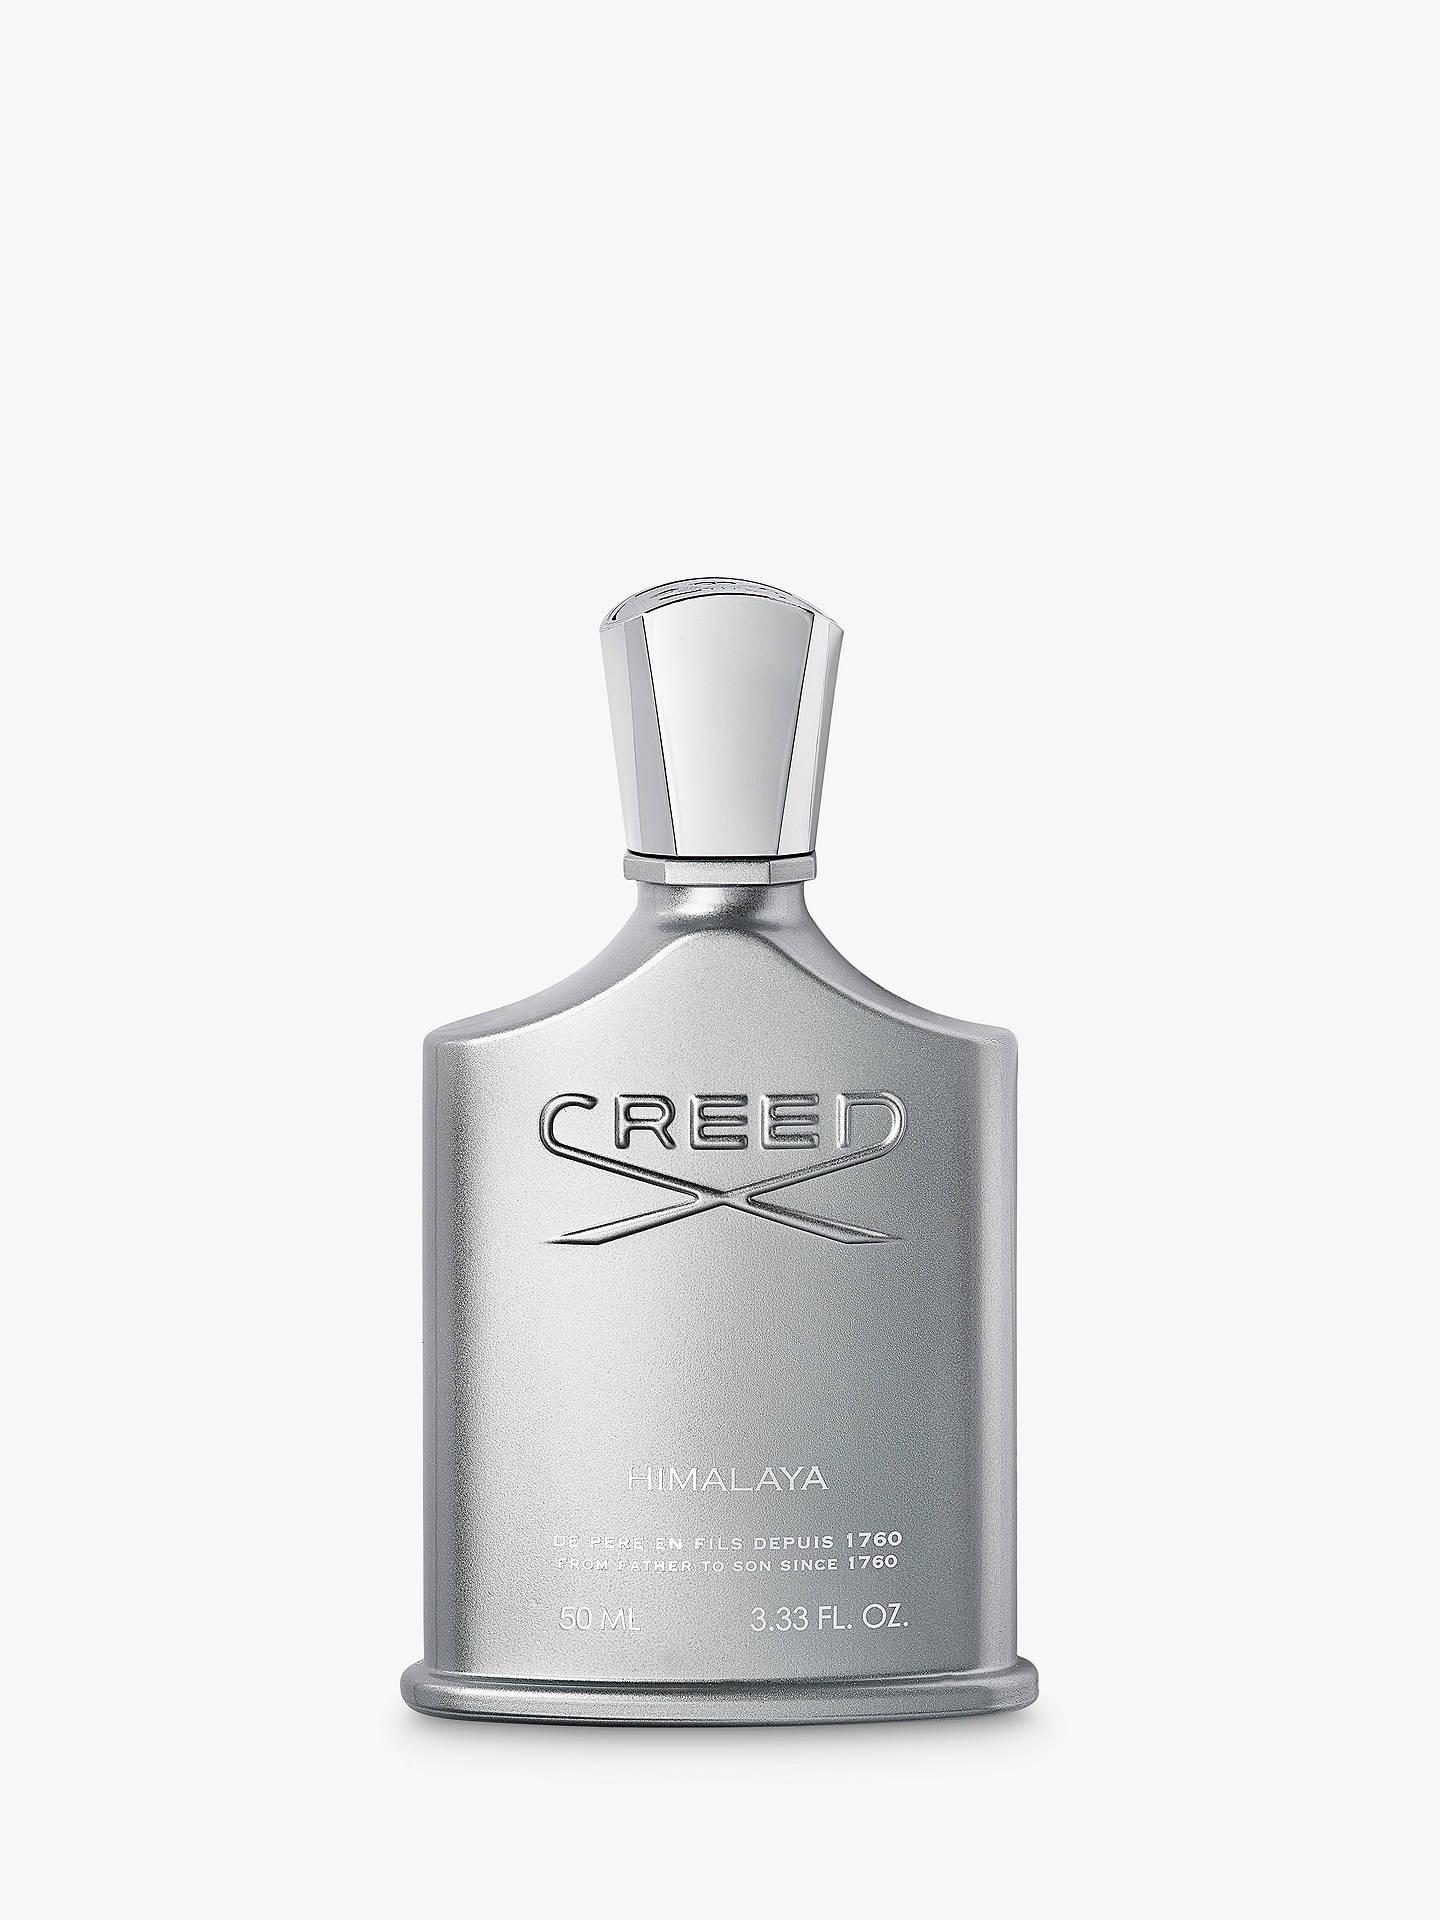 09bb385b7a7d Buy CREED Himalaya Eau de Parfum, 50ml Online at johnlewis.com